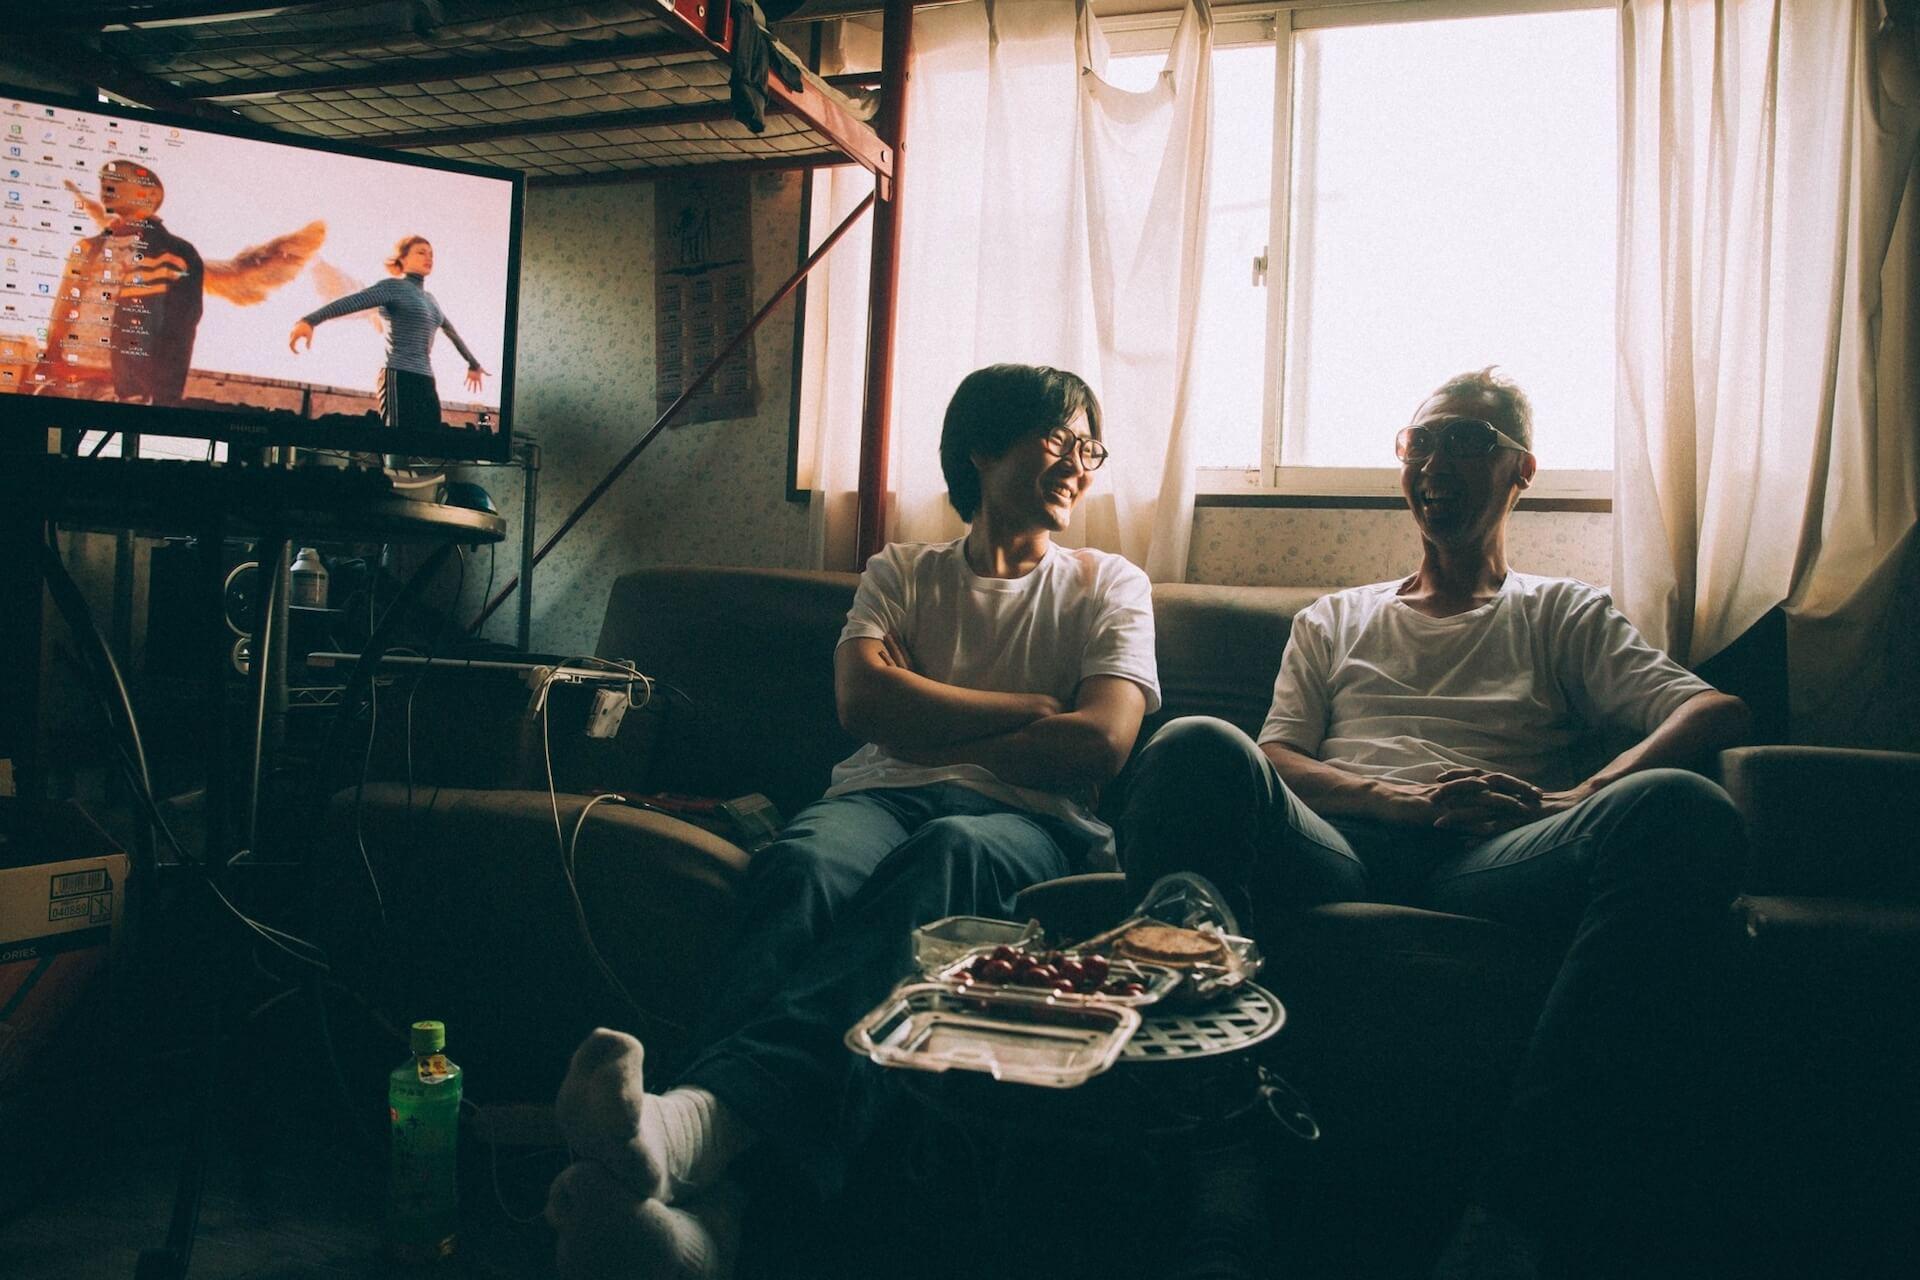 神谷亮佑×カンパニー松尾 対談|GEZAN映画『Tribe Called Discord』に存在する問いかけについて interview-gezan-film-11